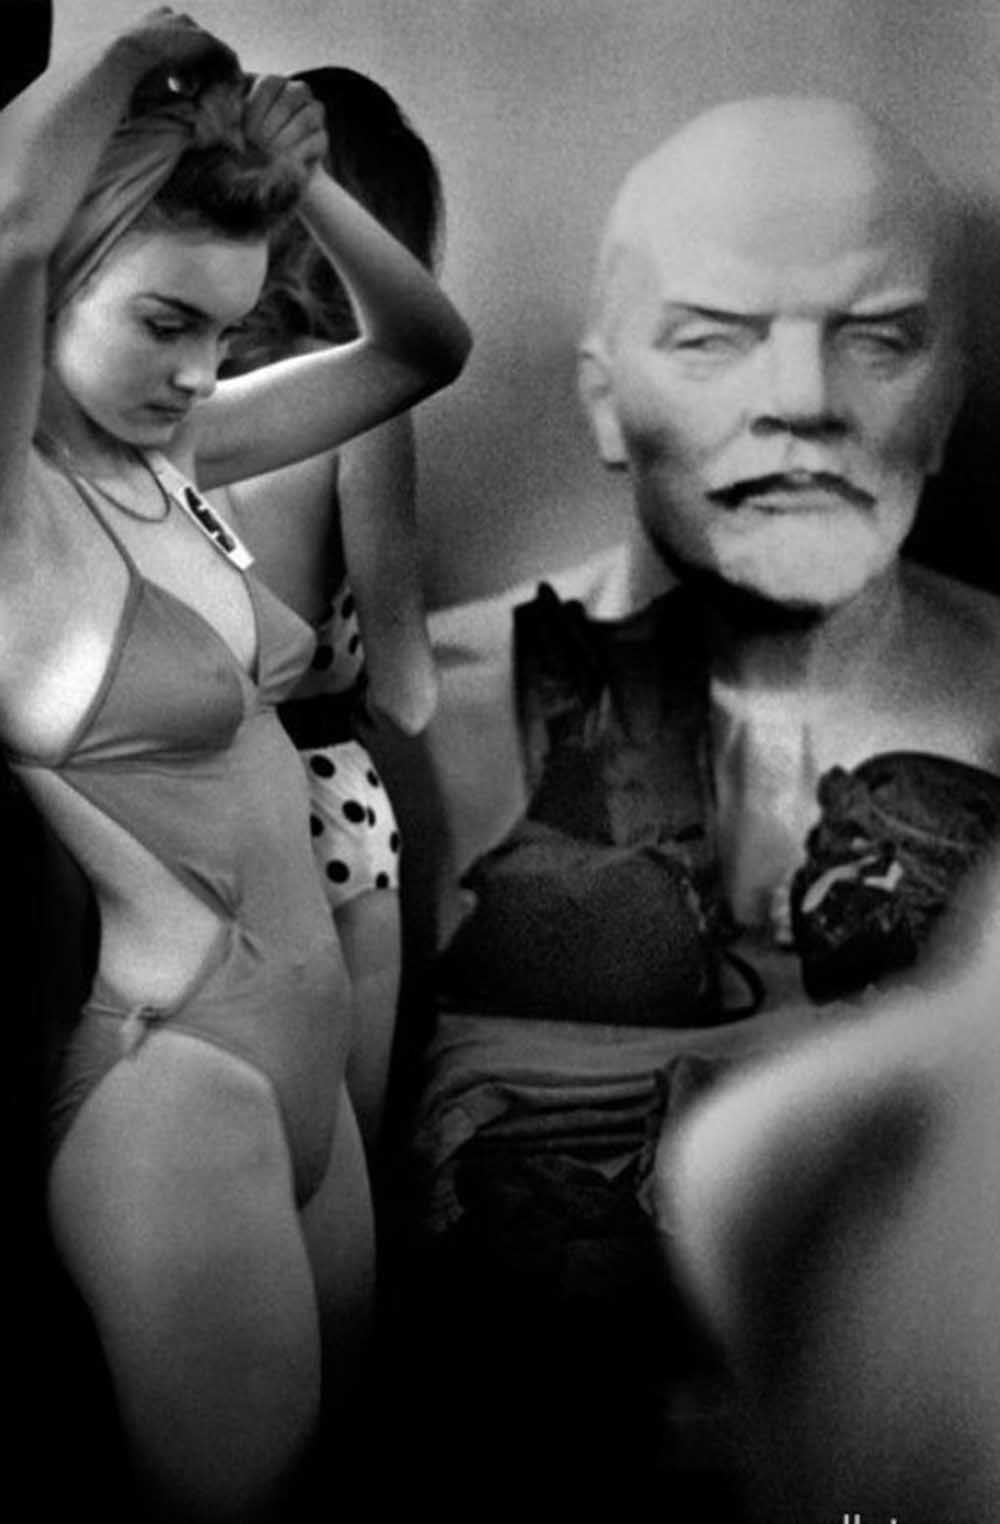 miss moscow beauty  2 - O primeiro Concurso de beleza do Comunismo